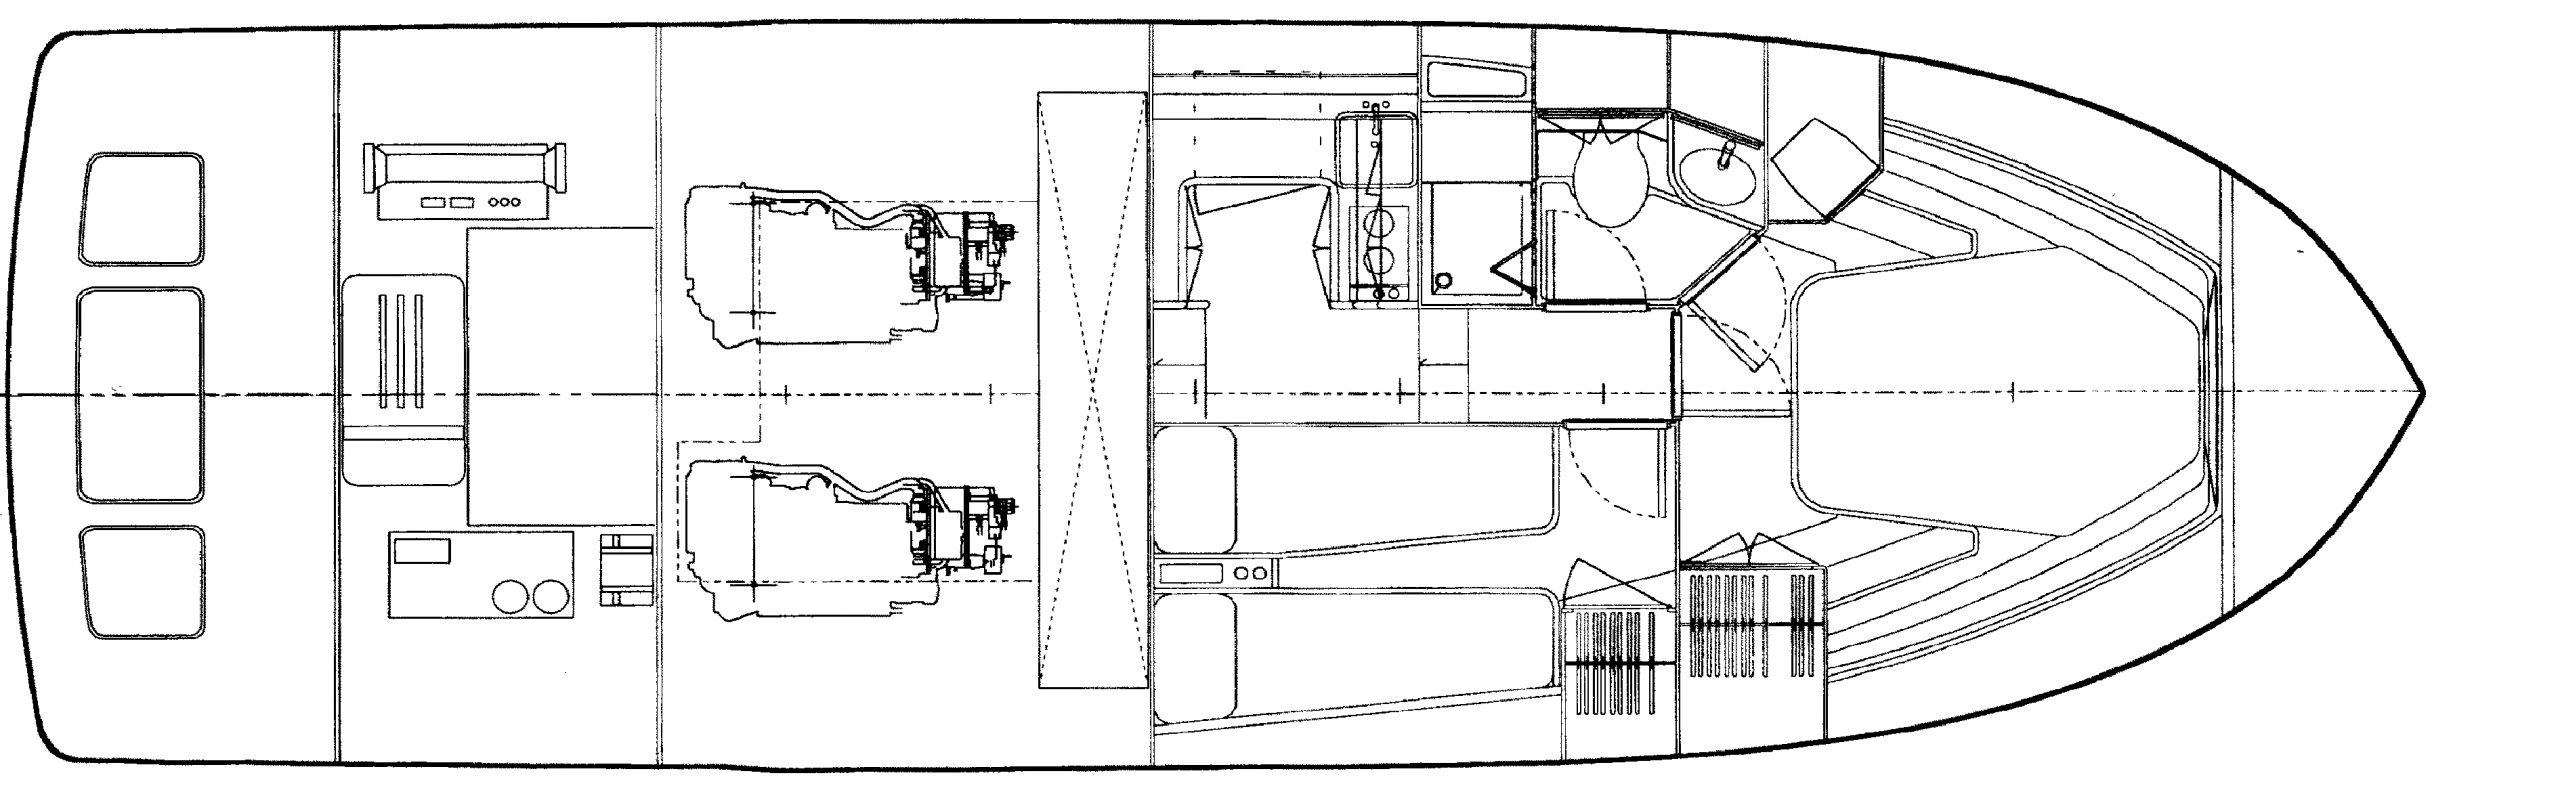 Bertram 390 Convertible Floor Plan 2